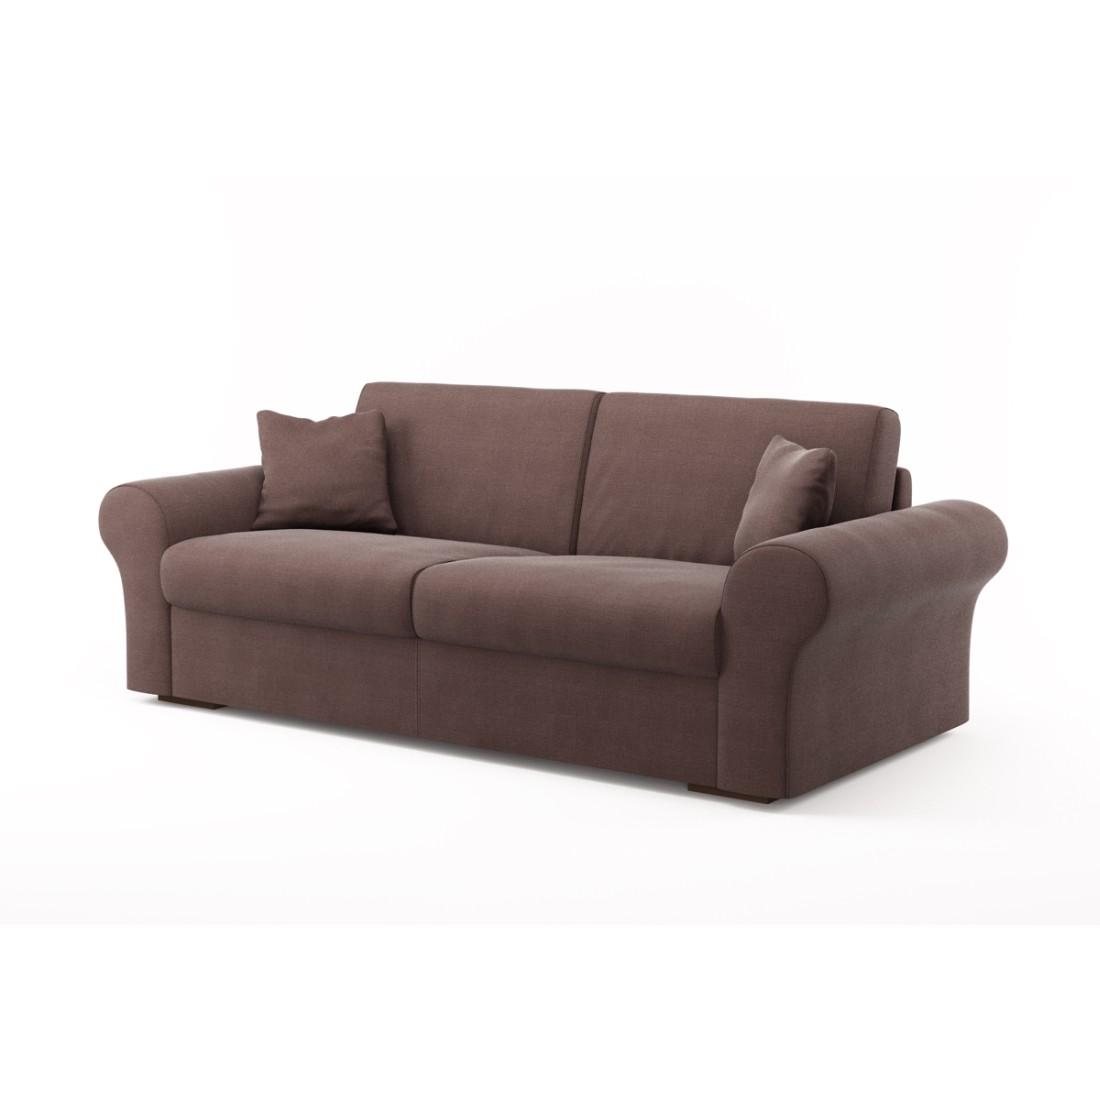 Schlafsofa Novo (3-Sitzer) – Luna Comfort 6 153 (Schlamm), Von Wilmowsky günstig